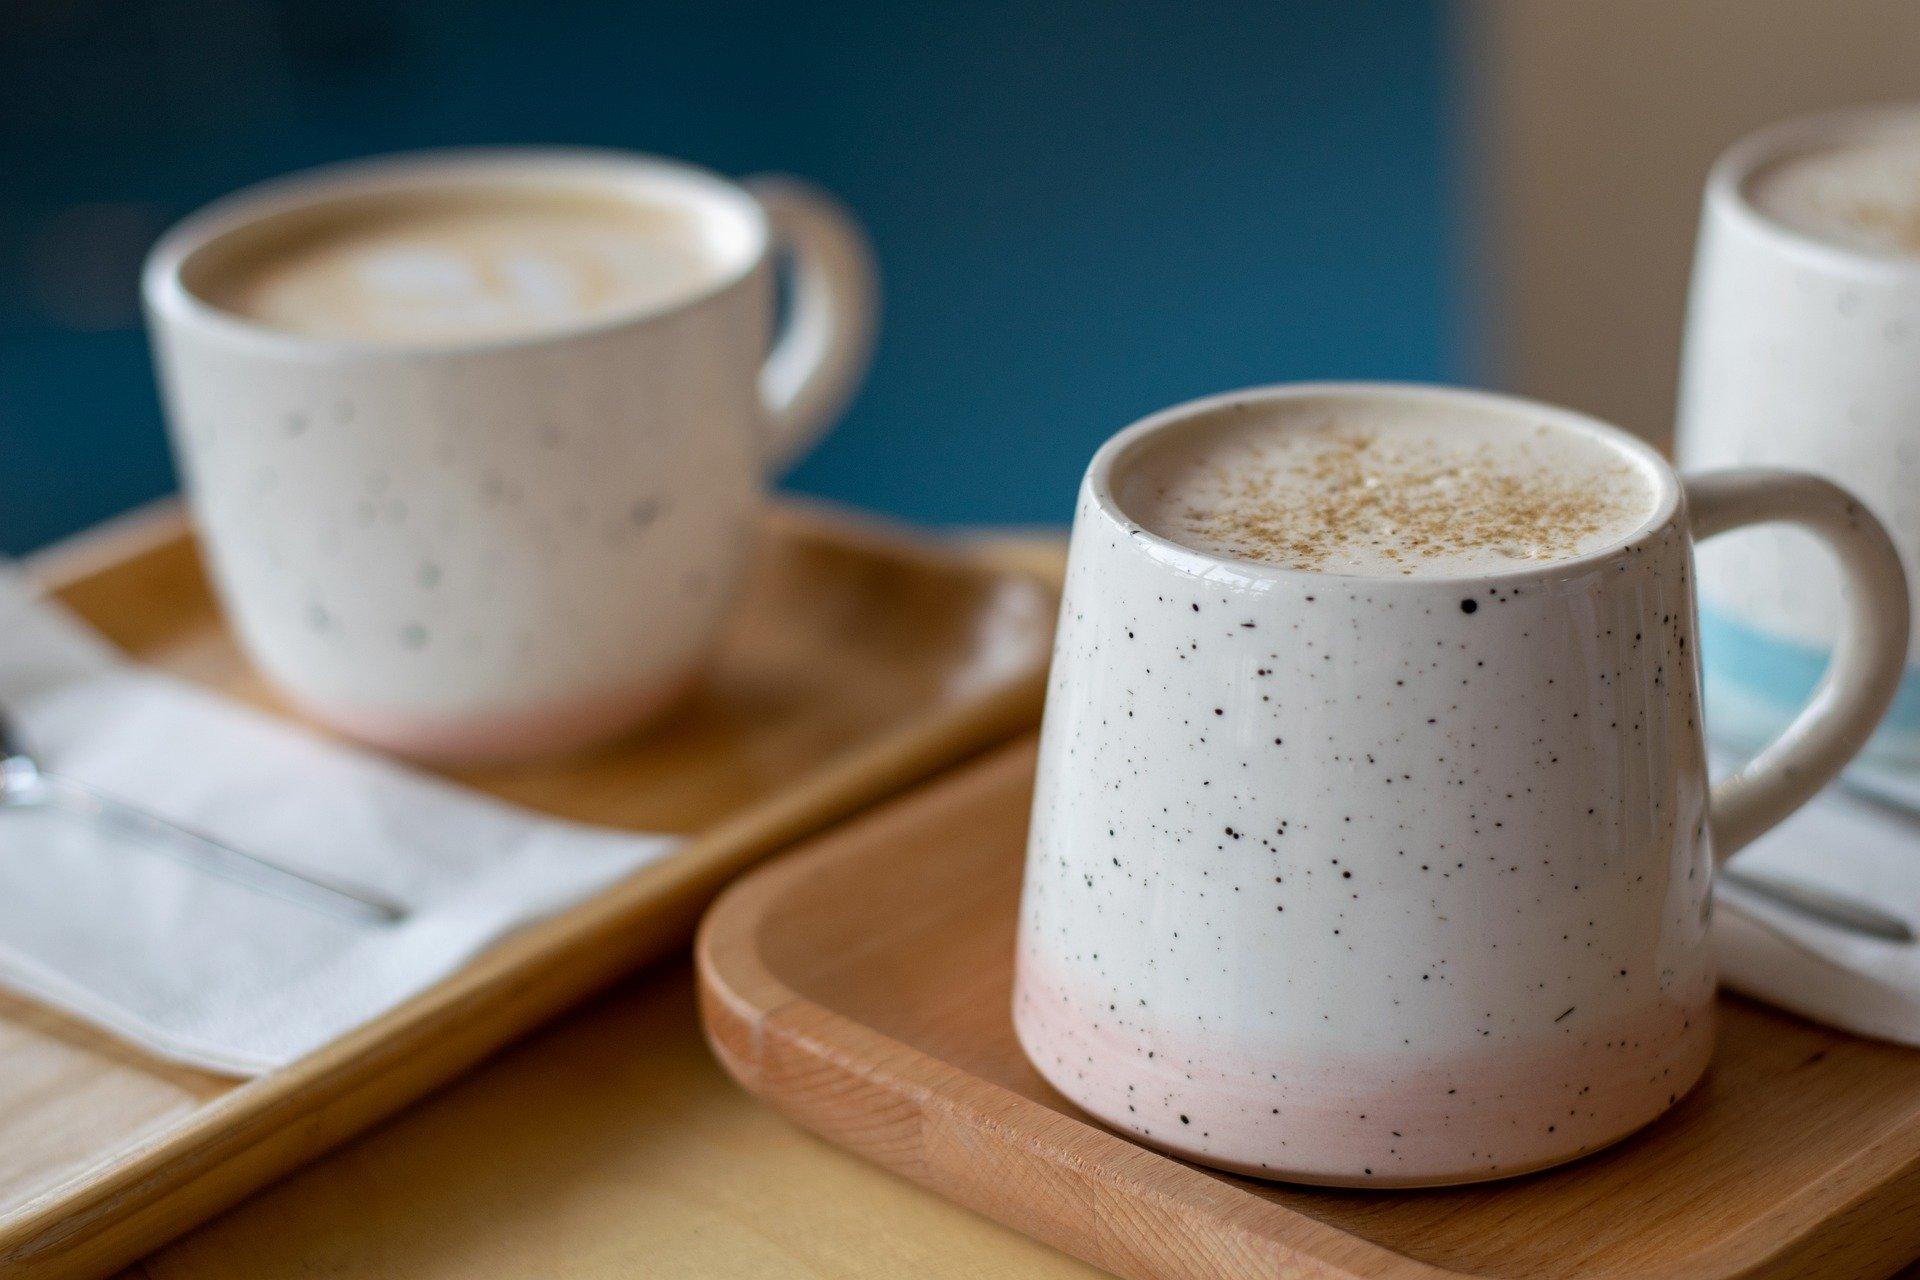 Cup of tea latte